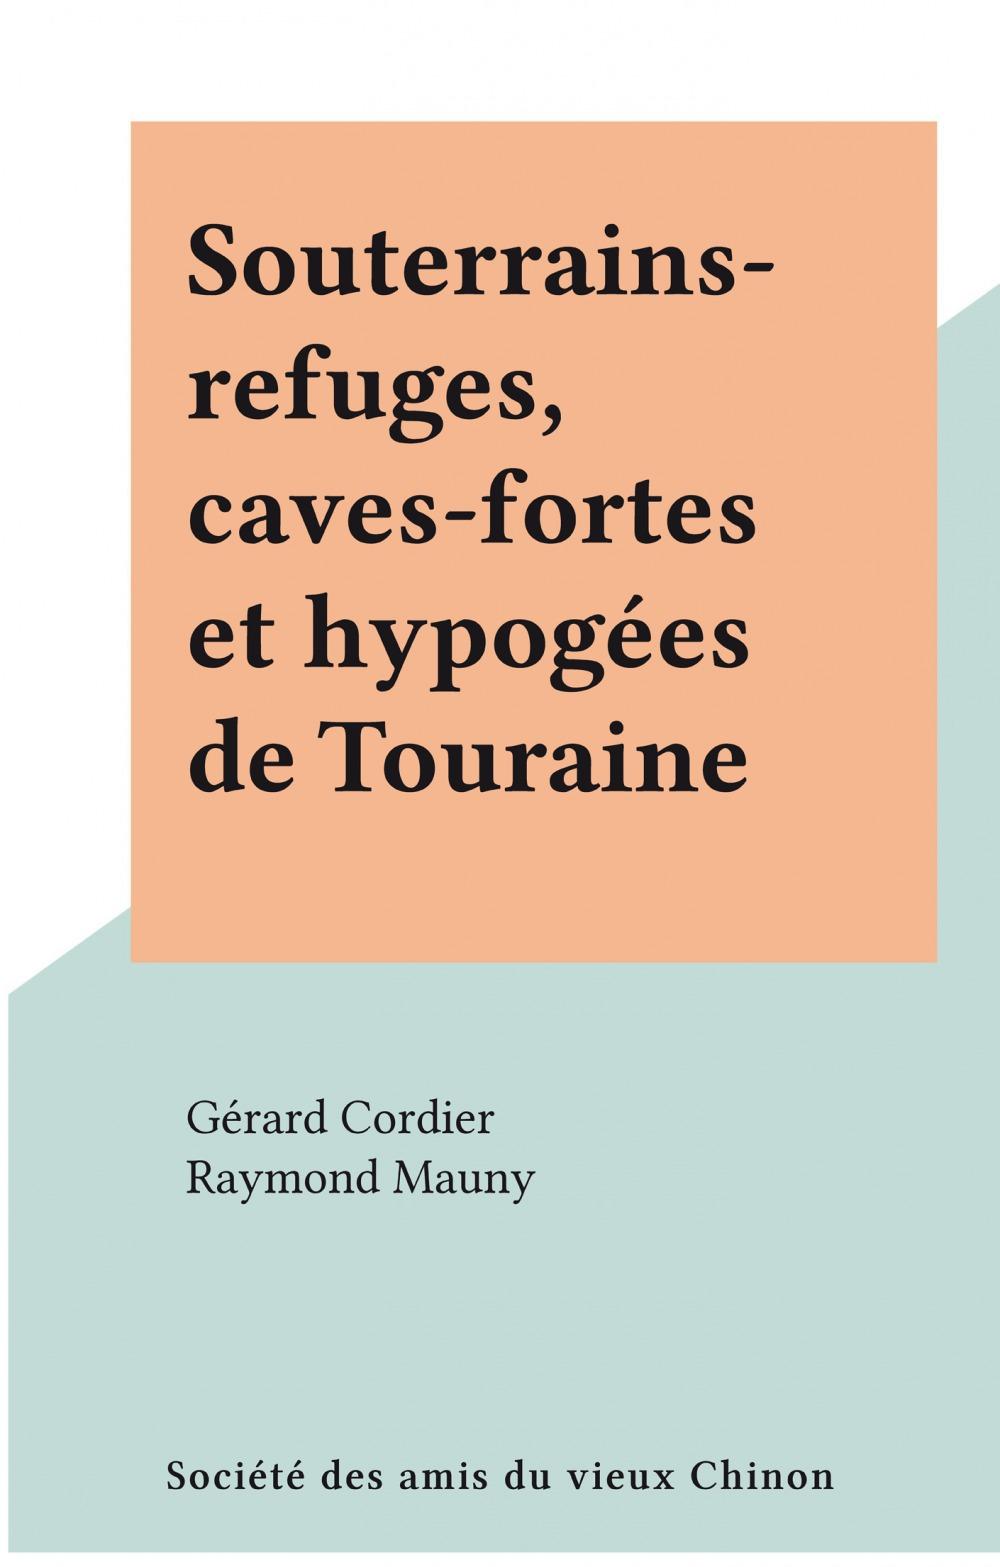 Souterrains-refuges, caves-fortes et hypogées de Touraine